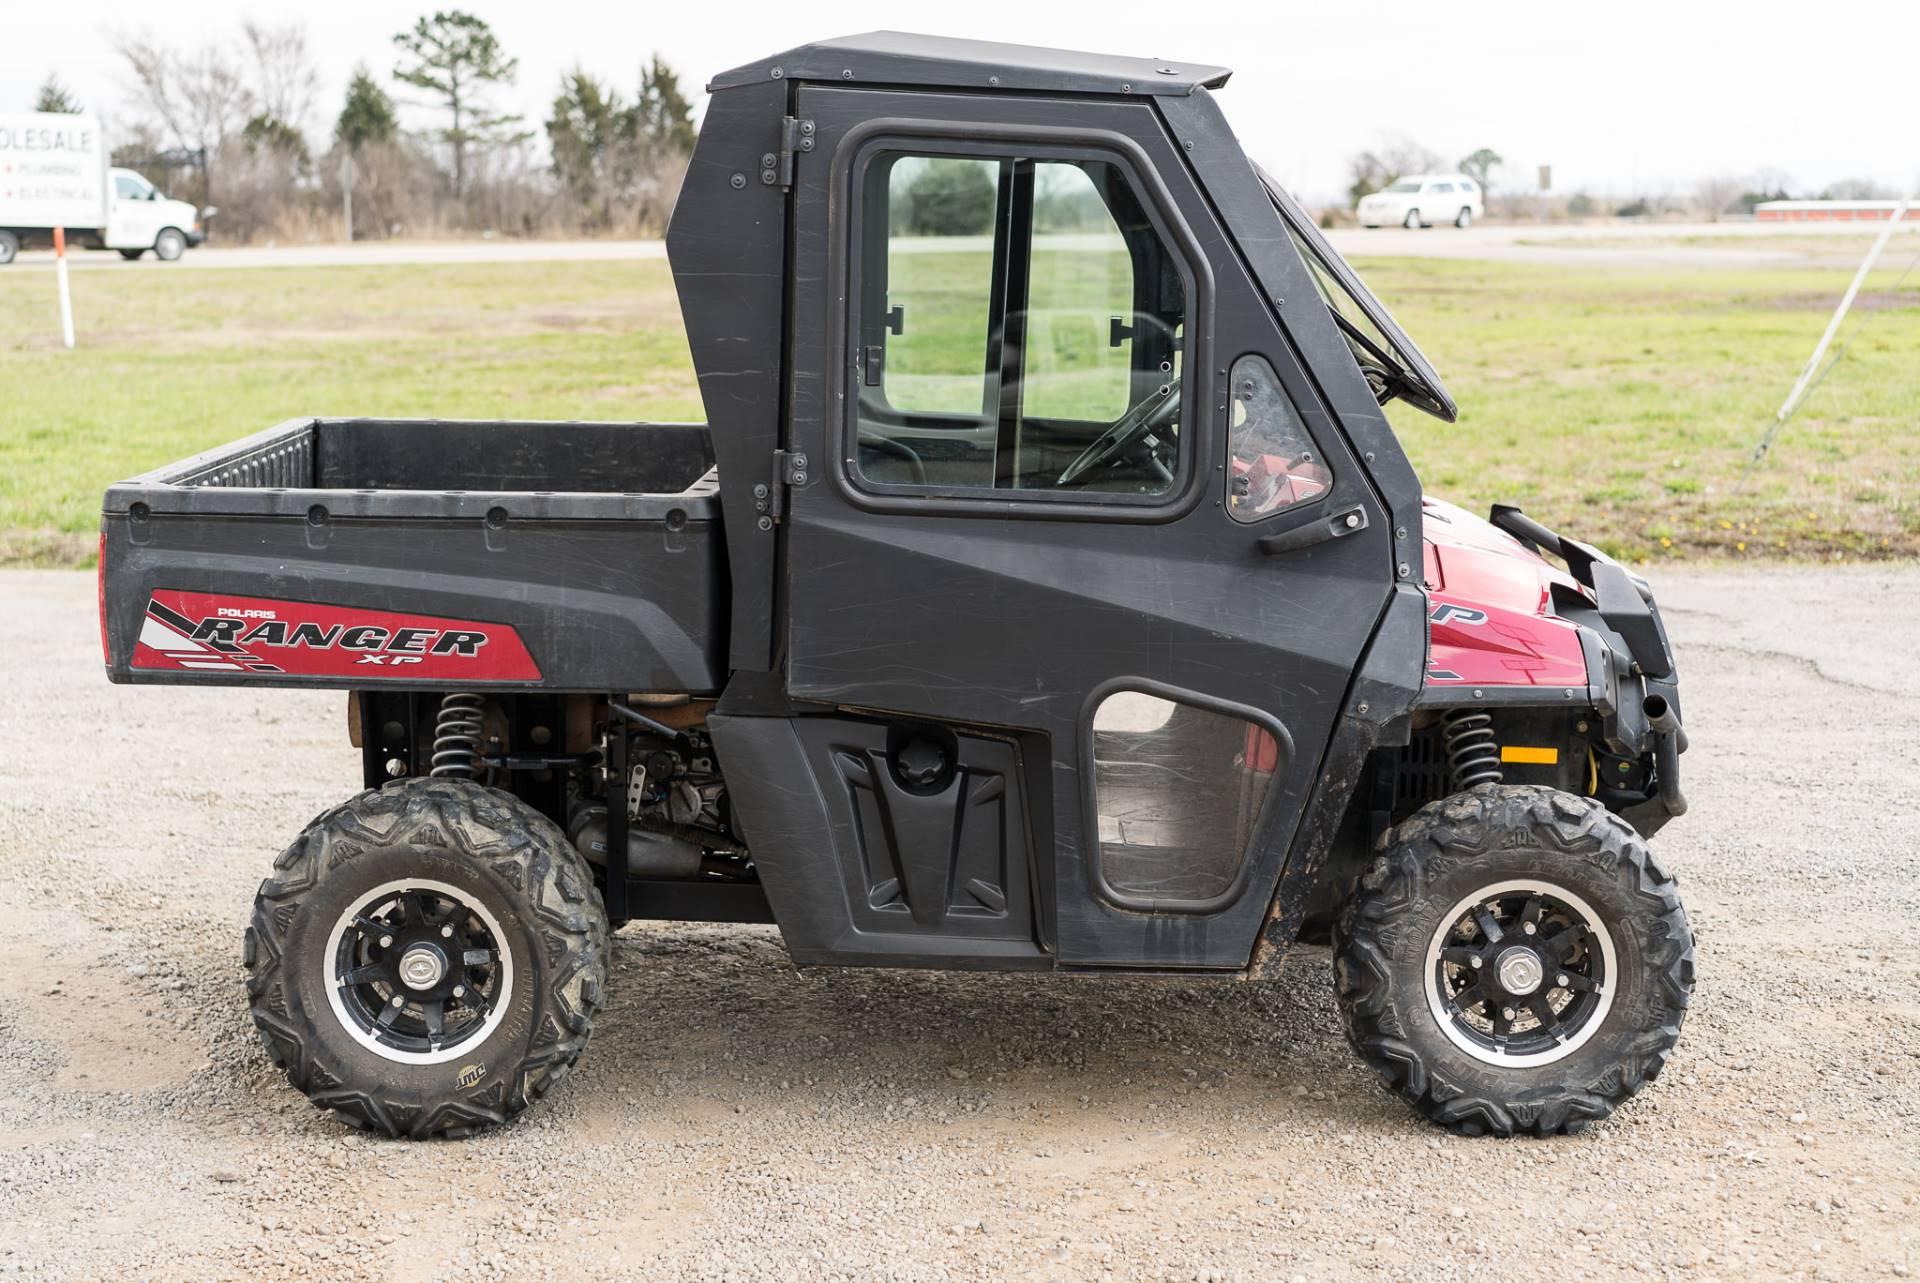 2012 Ranger XP 800 LE